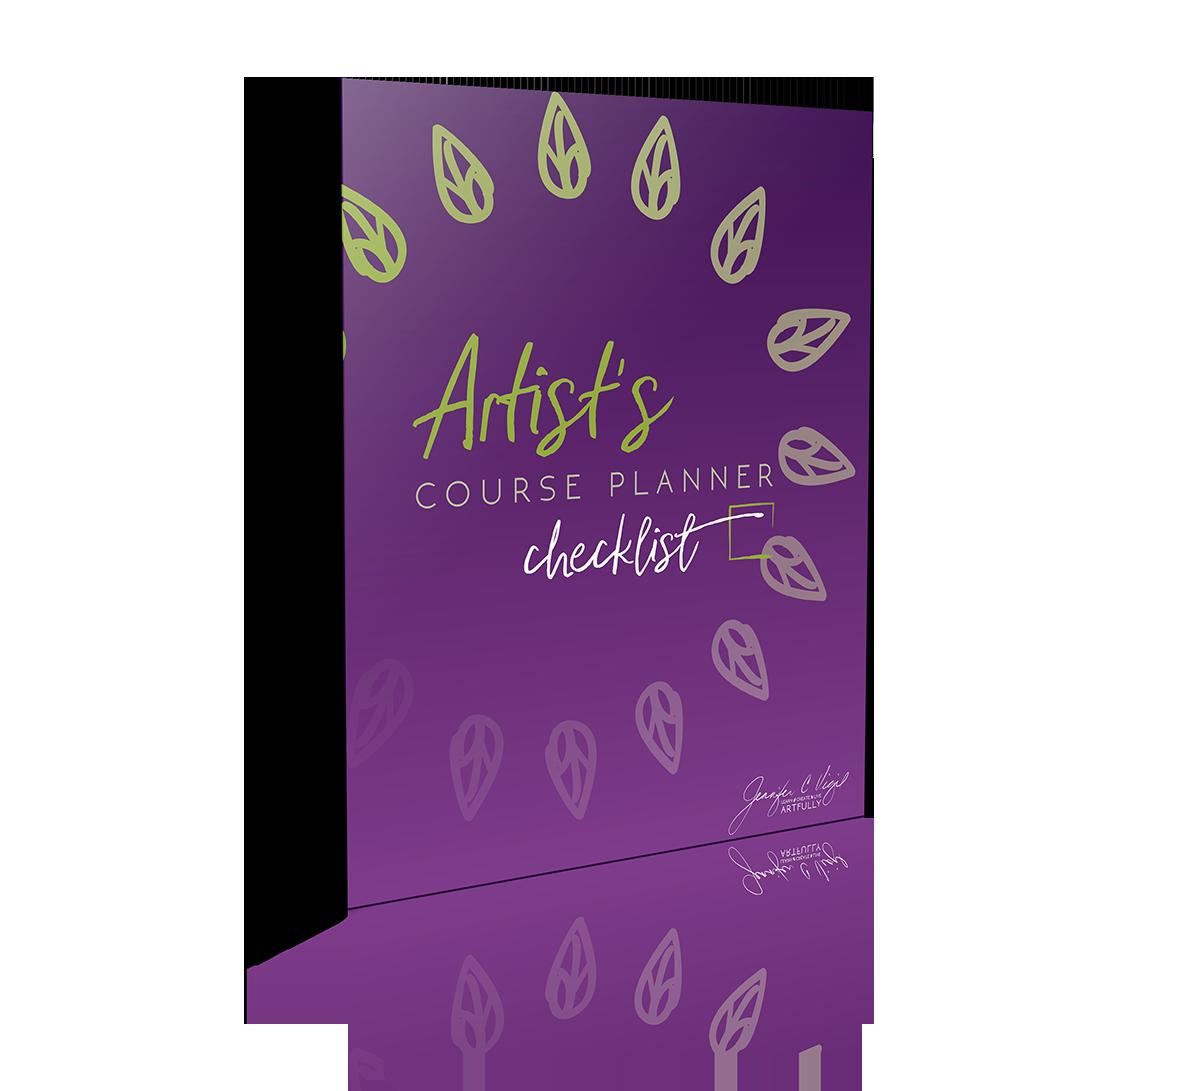 Artist Course Planner Checklist